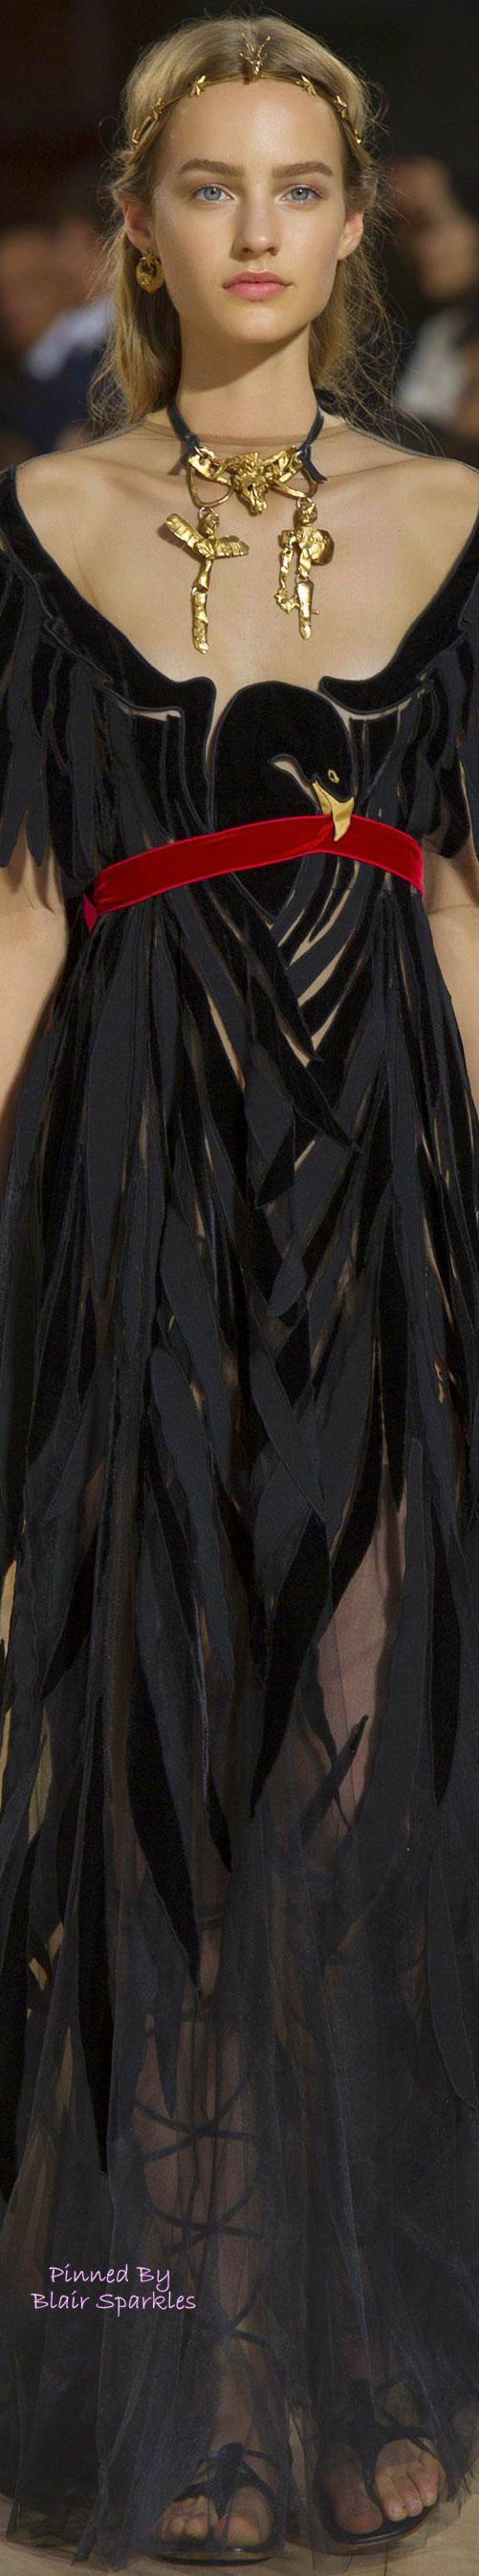 Valentino.Da série acessórios poderosos.Beautiful Colar.Headband|